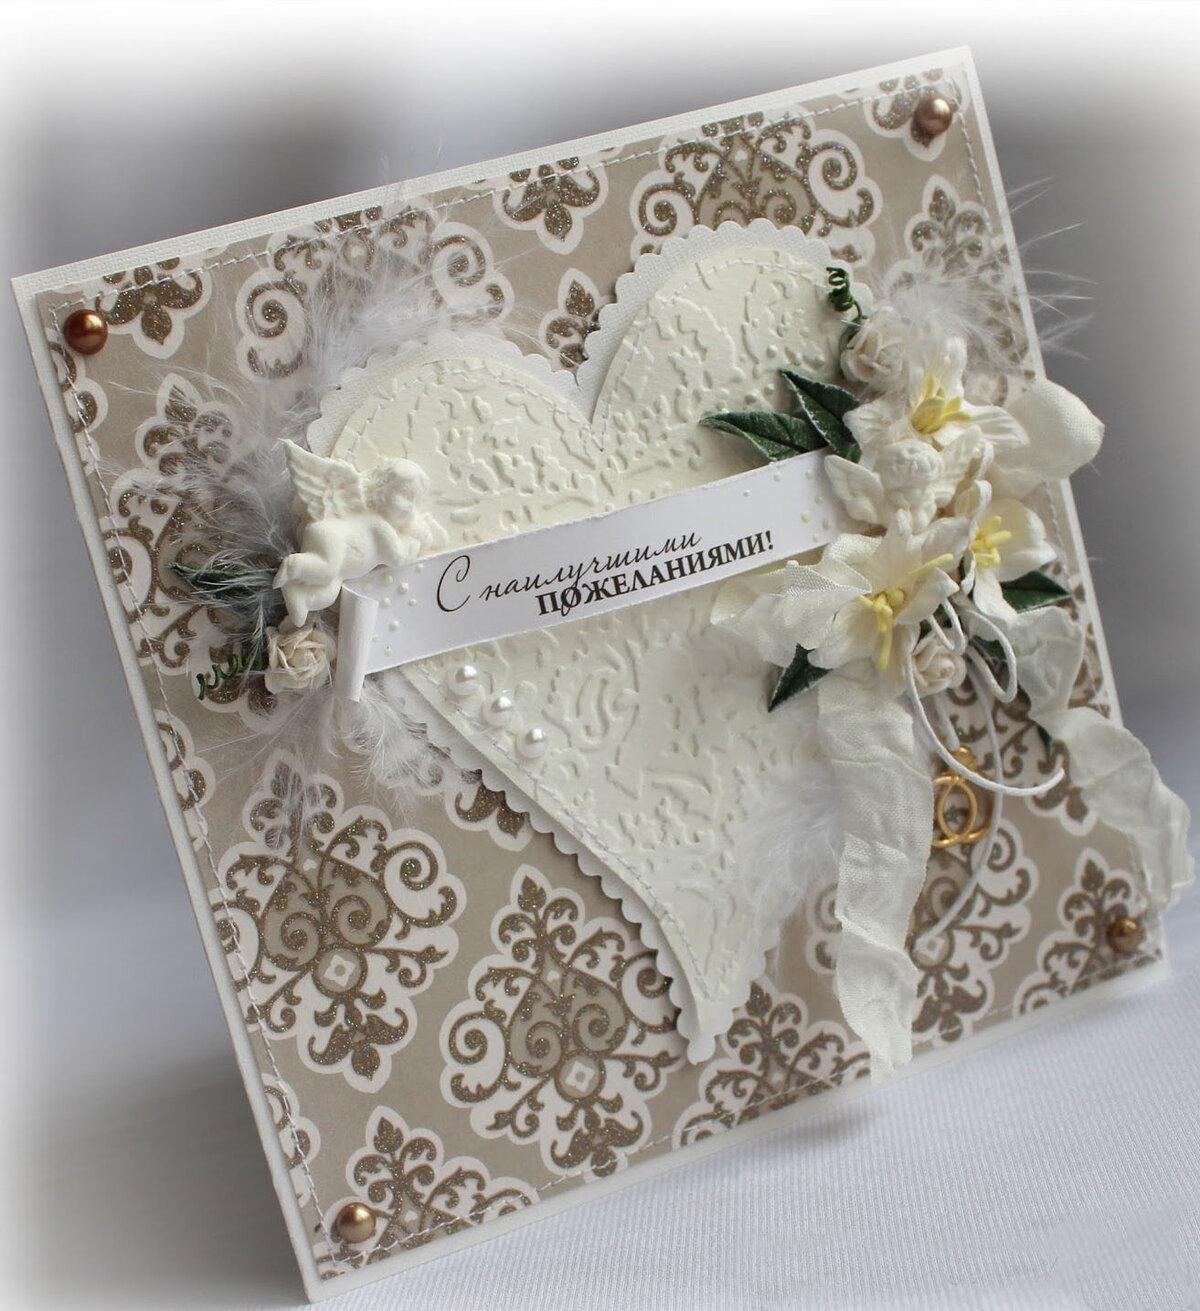 выполнения дизайнерское оформление поздравления с днем свадьбы них отвечают настроение